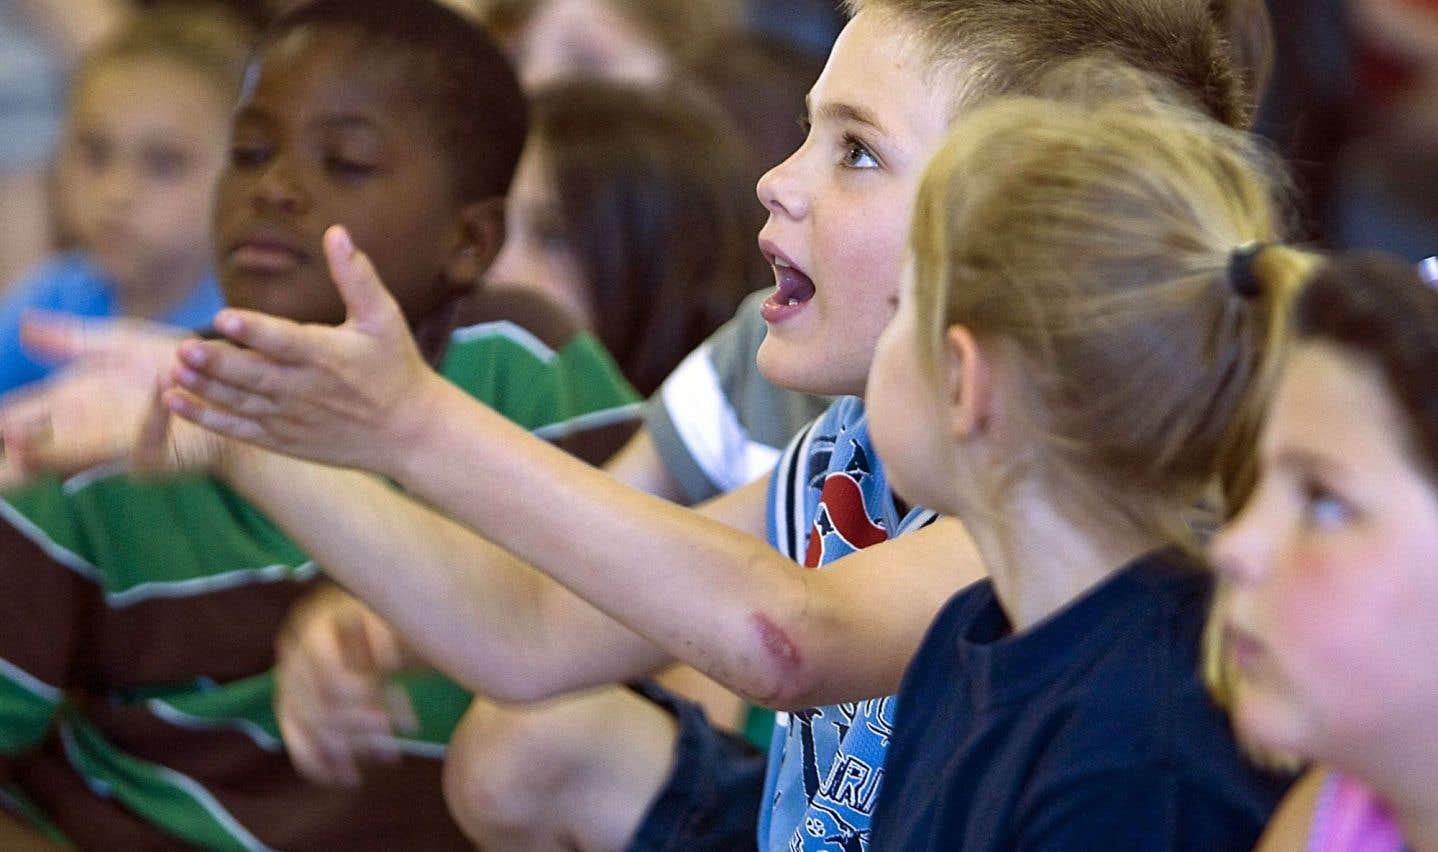 «De toutes les commissions scolaires de la province, nous avons la plus forte proportion d'élèves qui vivent dans un milieu défavorisé», estime Catherine Renaud, présidente de l'APPM.